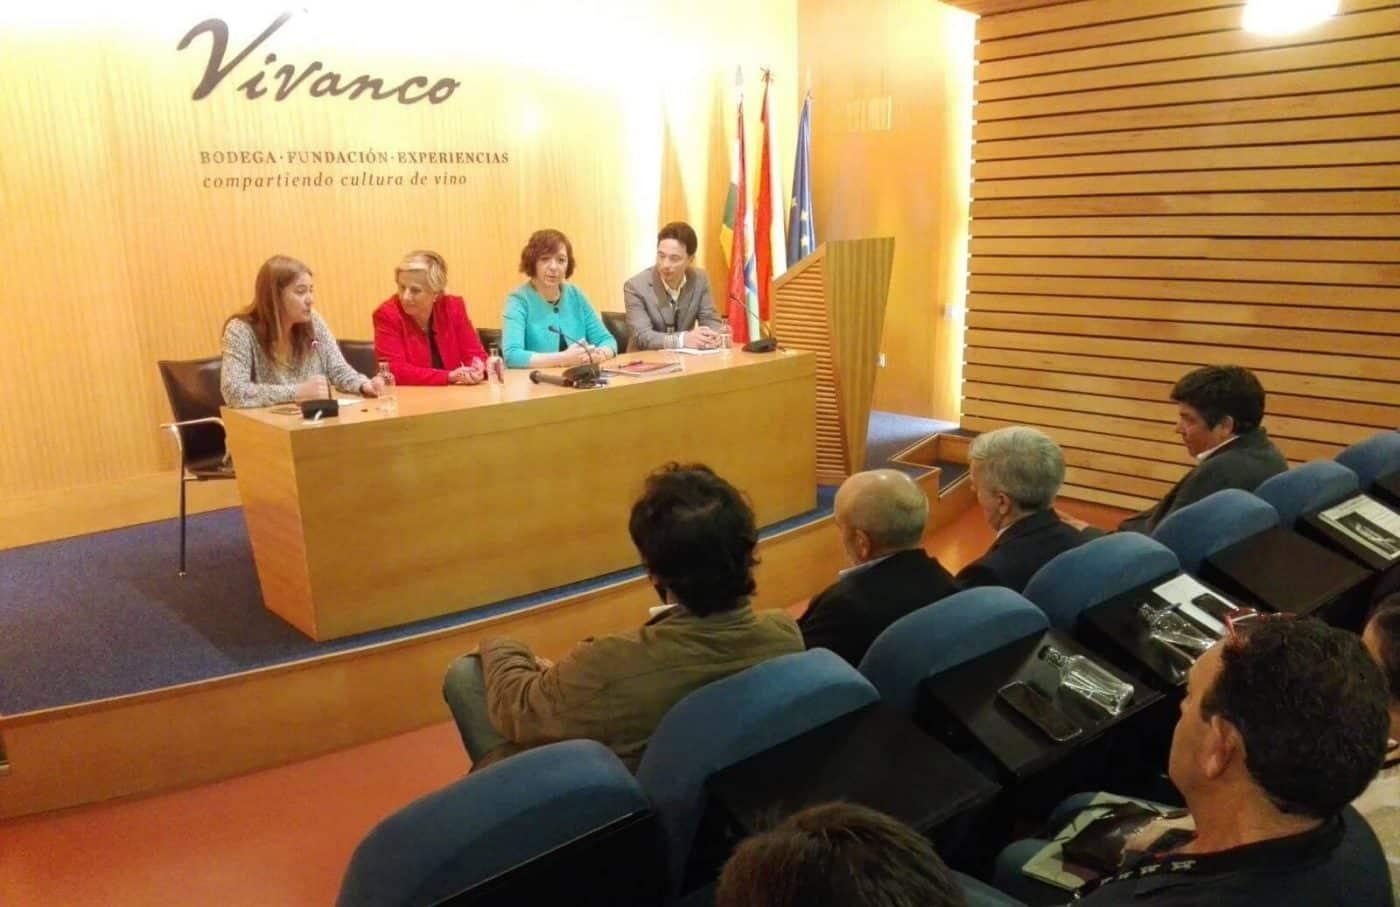 Haro y su comarca quieren ser en 2020 'Ciudad Europea del Vino' 1